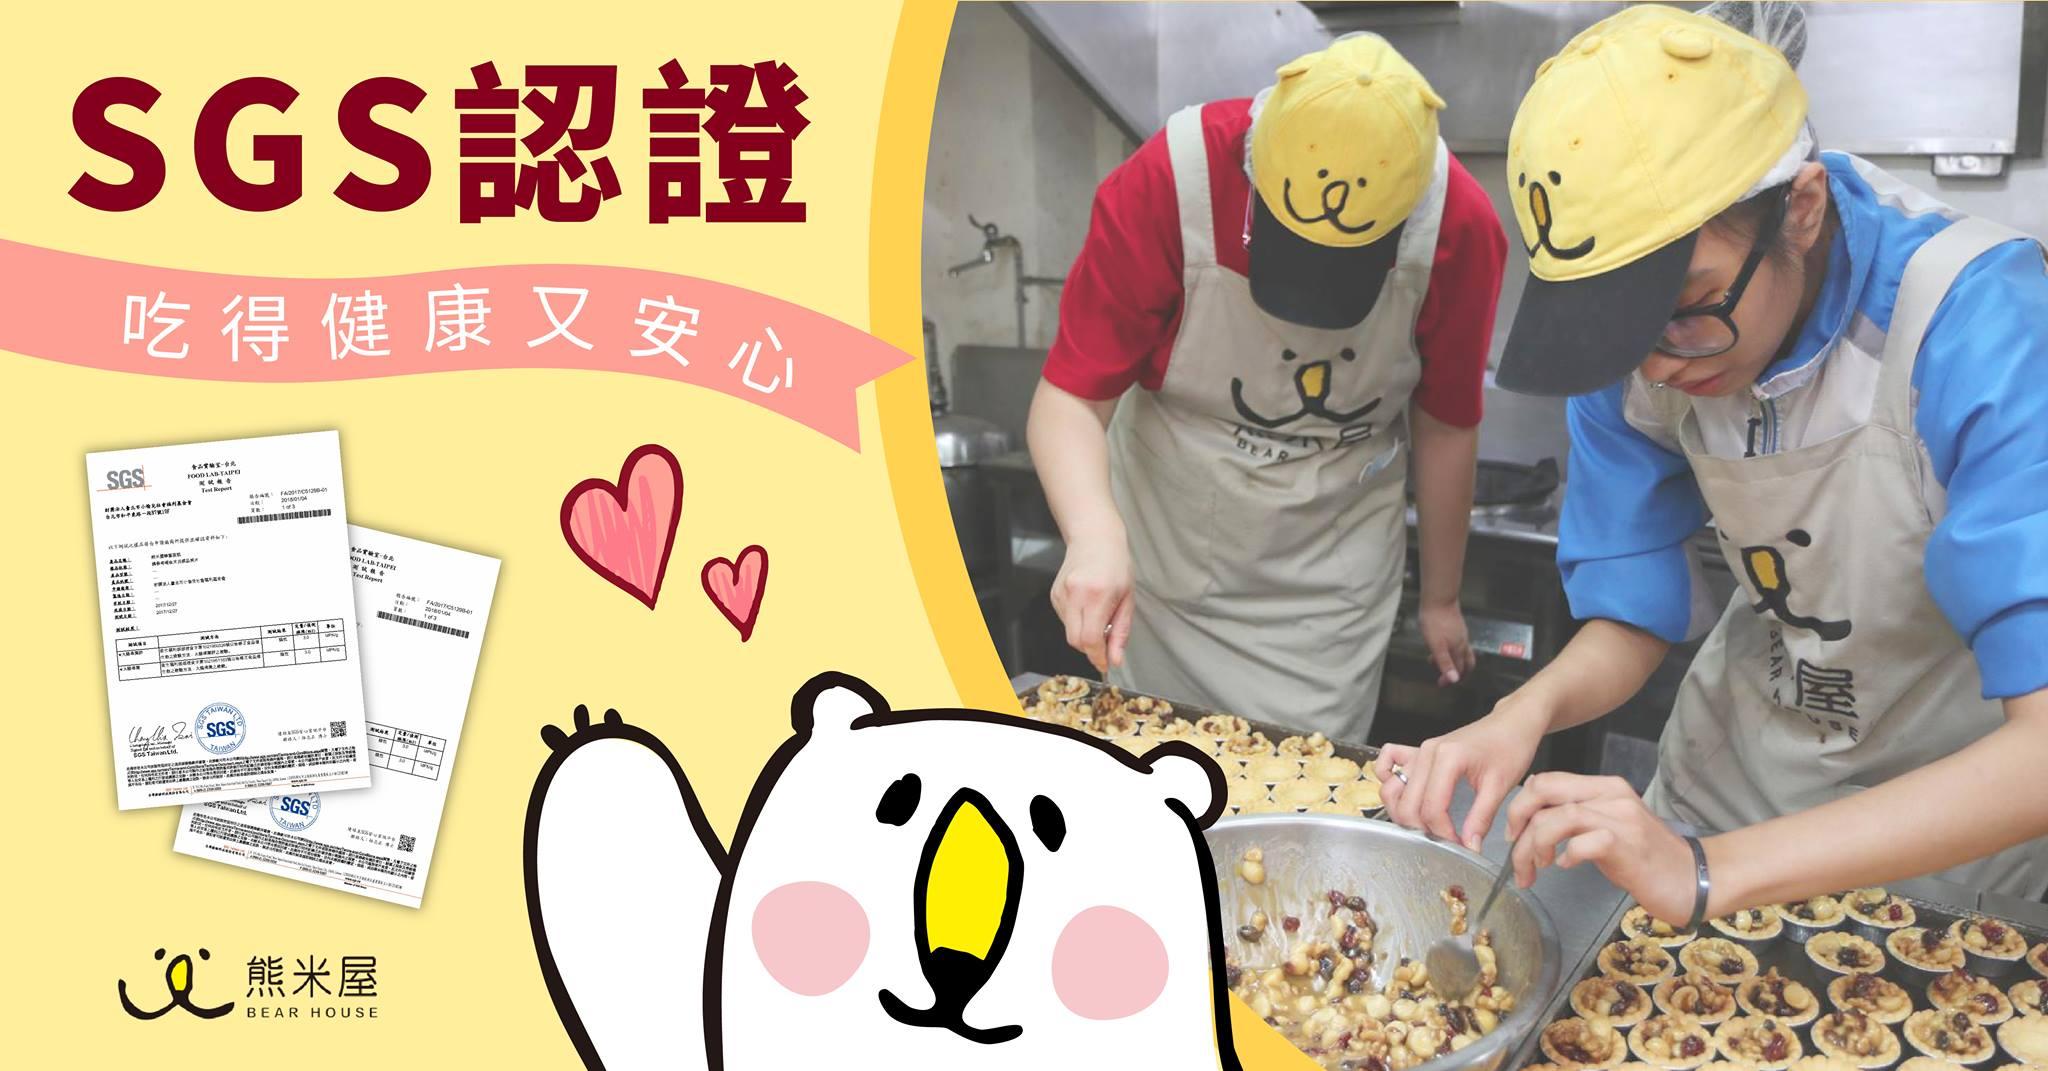 20180323【熊米屋的點心揭秘】SGS認證,吃得健康又安心